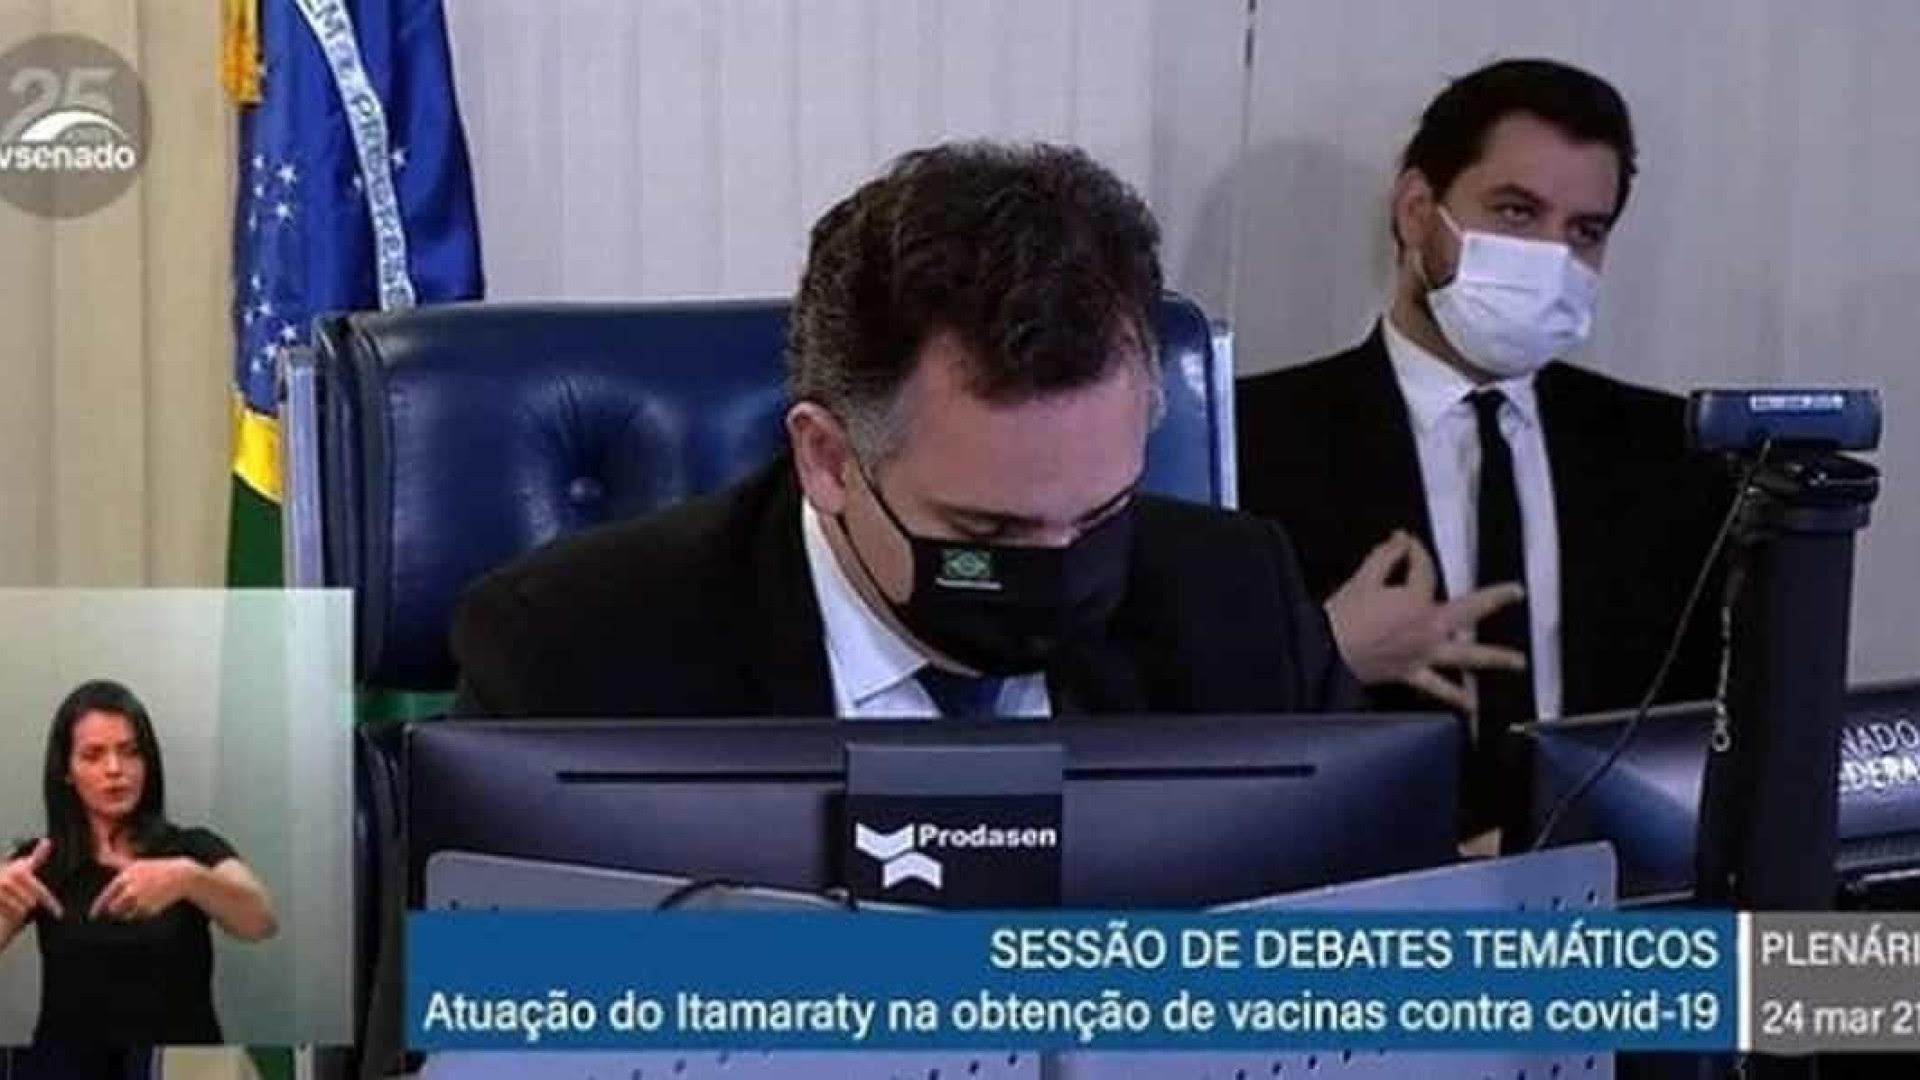 MPF denuncia assessor de Bolsonaro por gesto de conotação racista no Senado